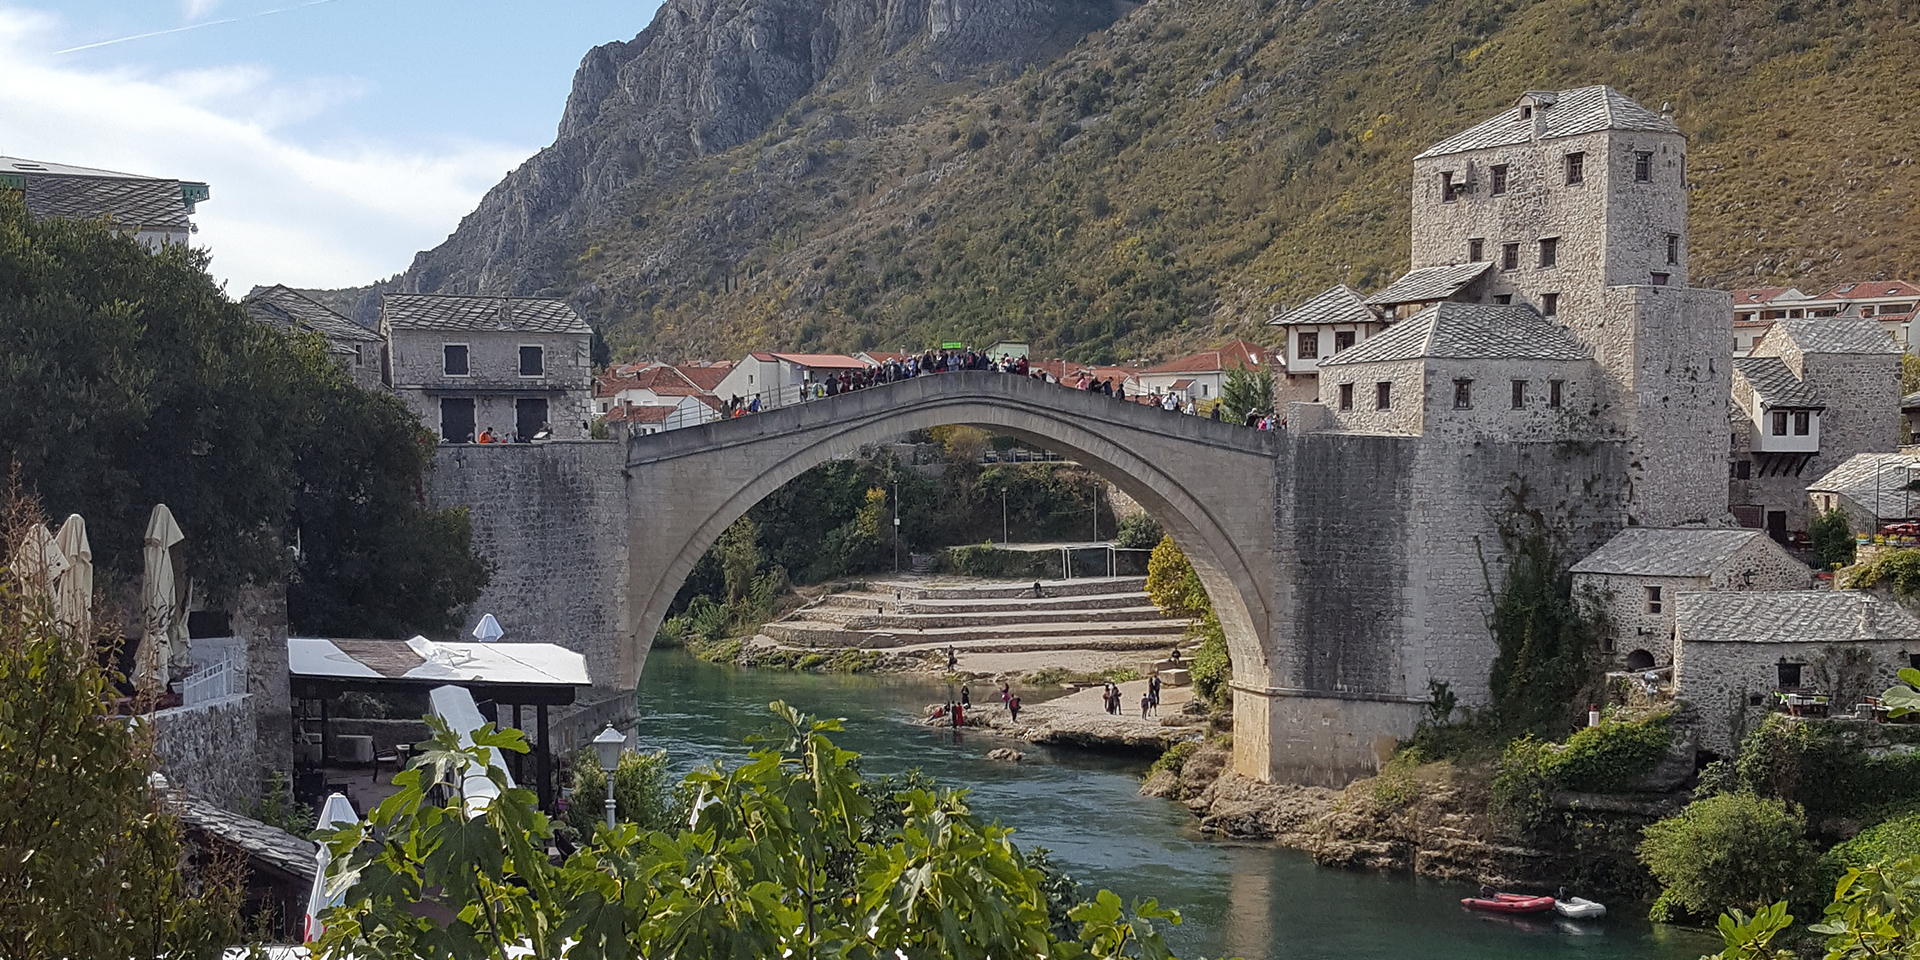 Die Brücke von Mostar verbindet das muslimische und das christliche Viertel., © ELKB